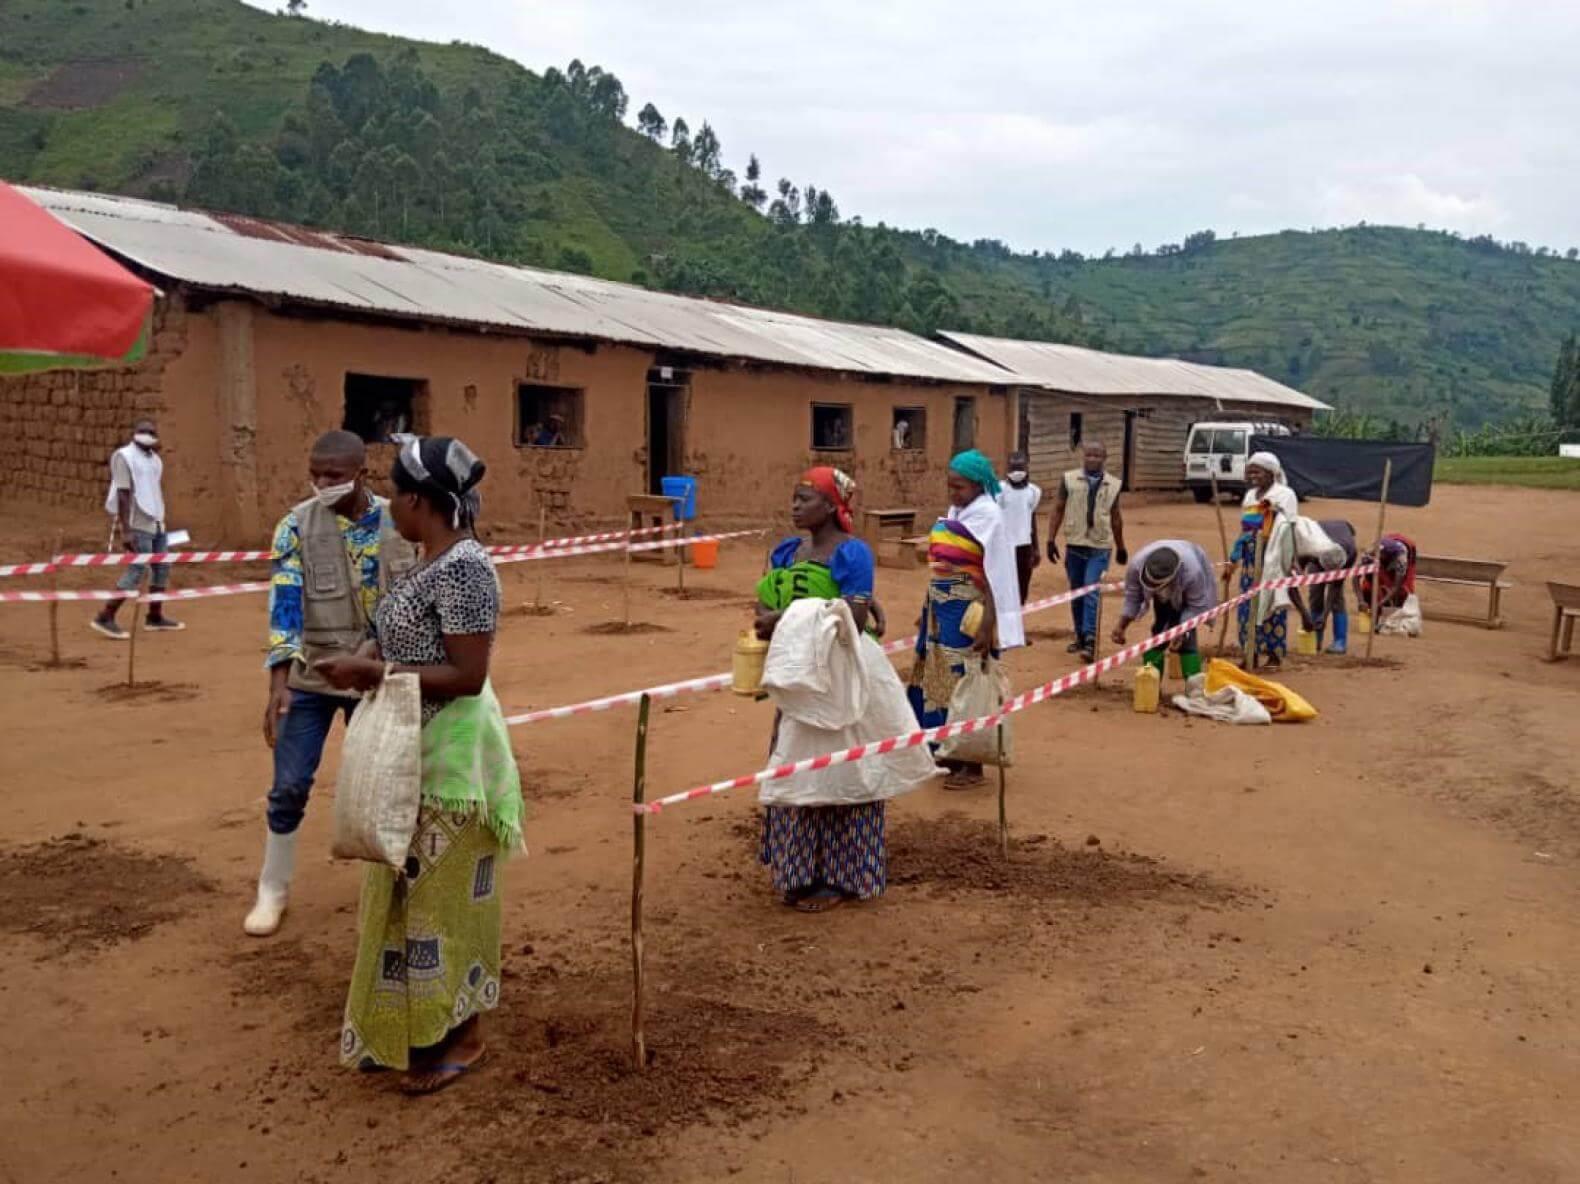 En RDC contra el coronavirus